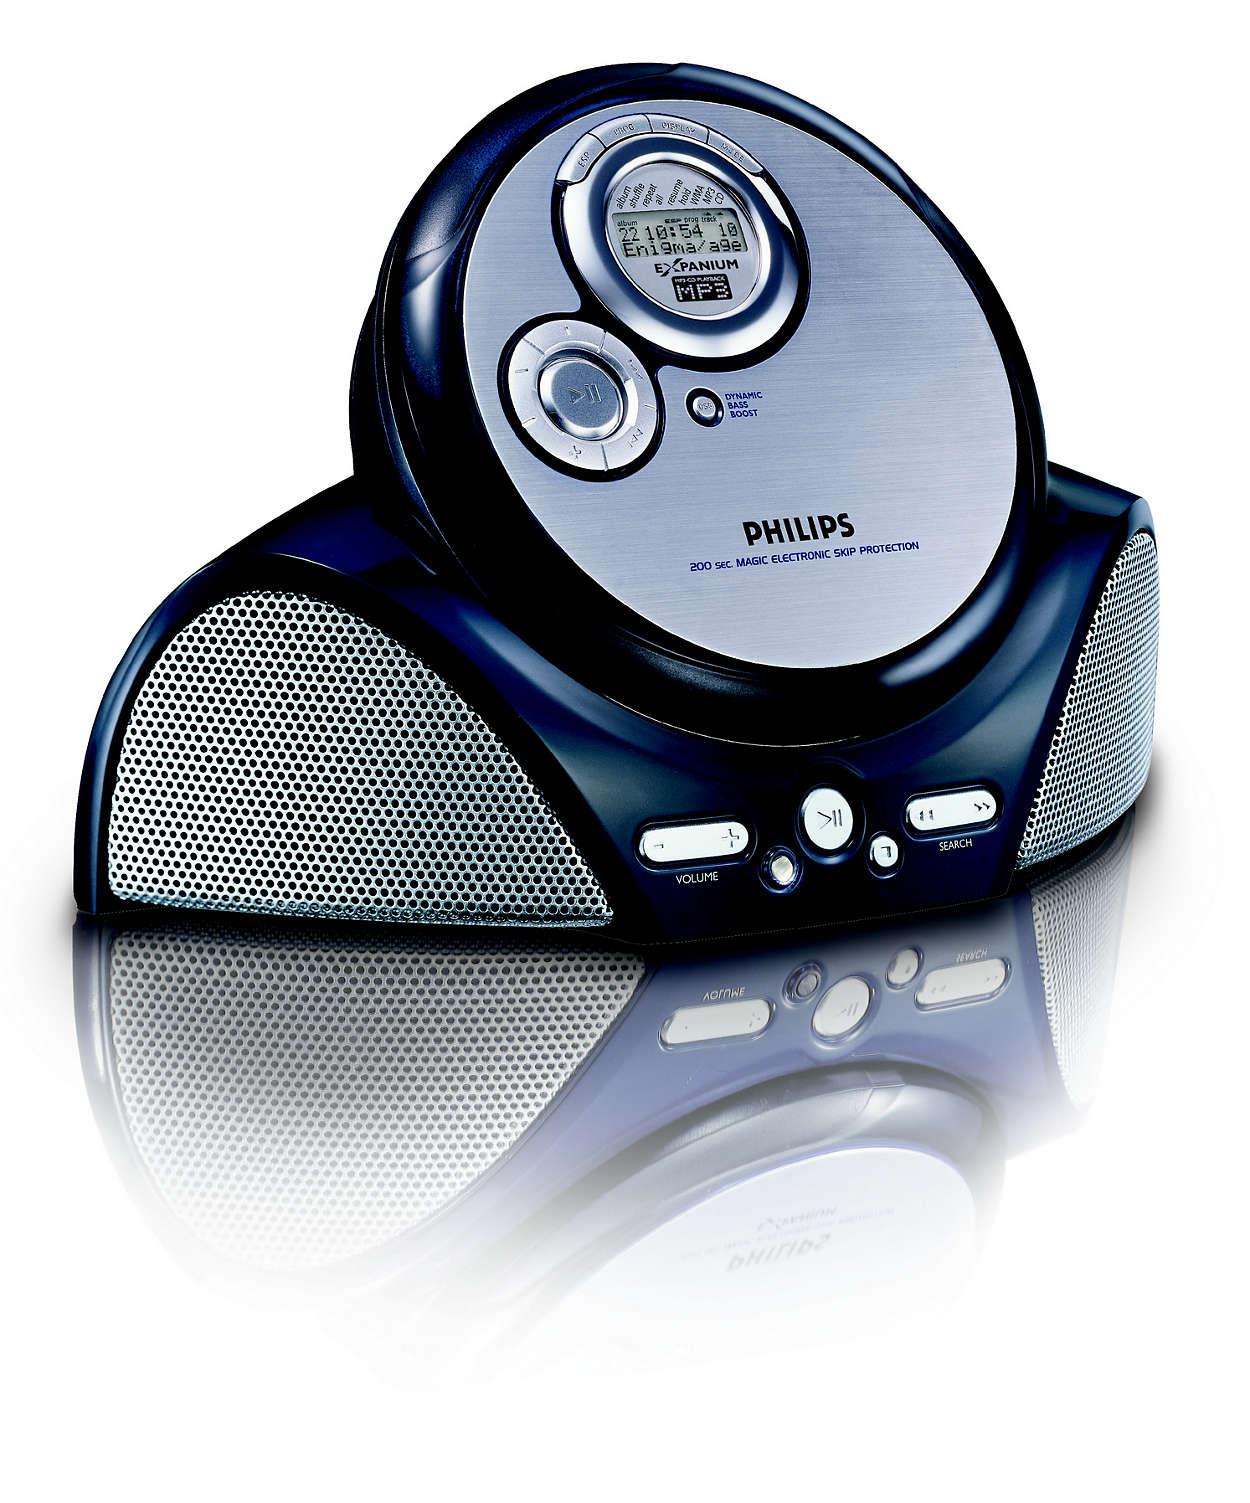 MP3-muziek luisteren zoals u dat wilt